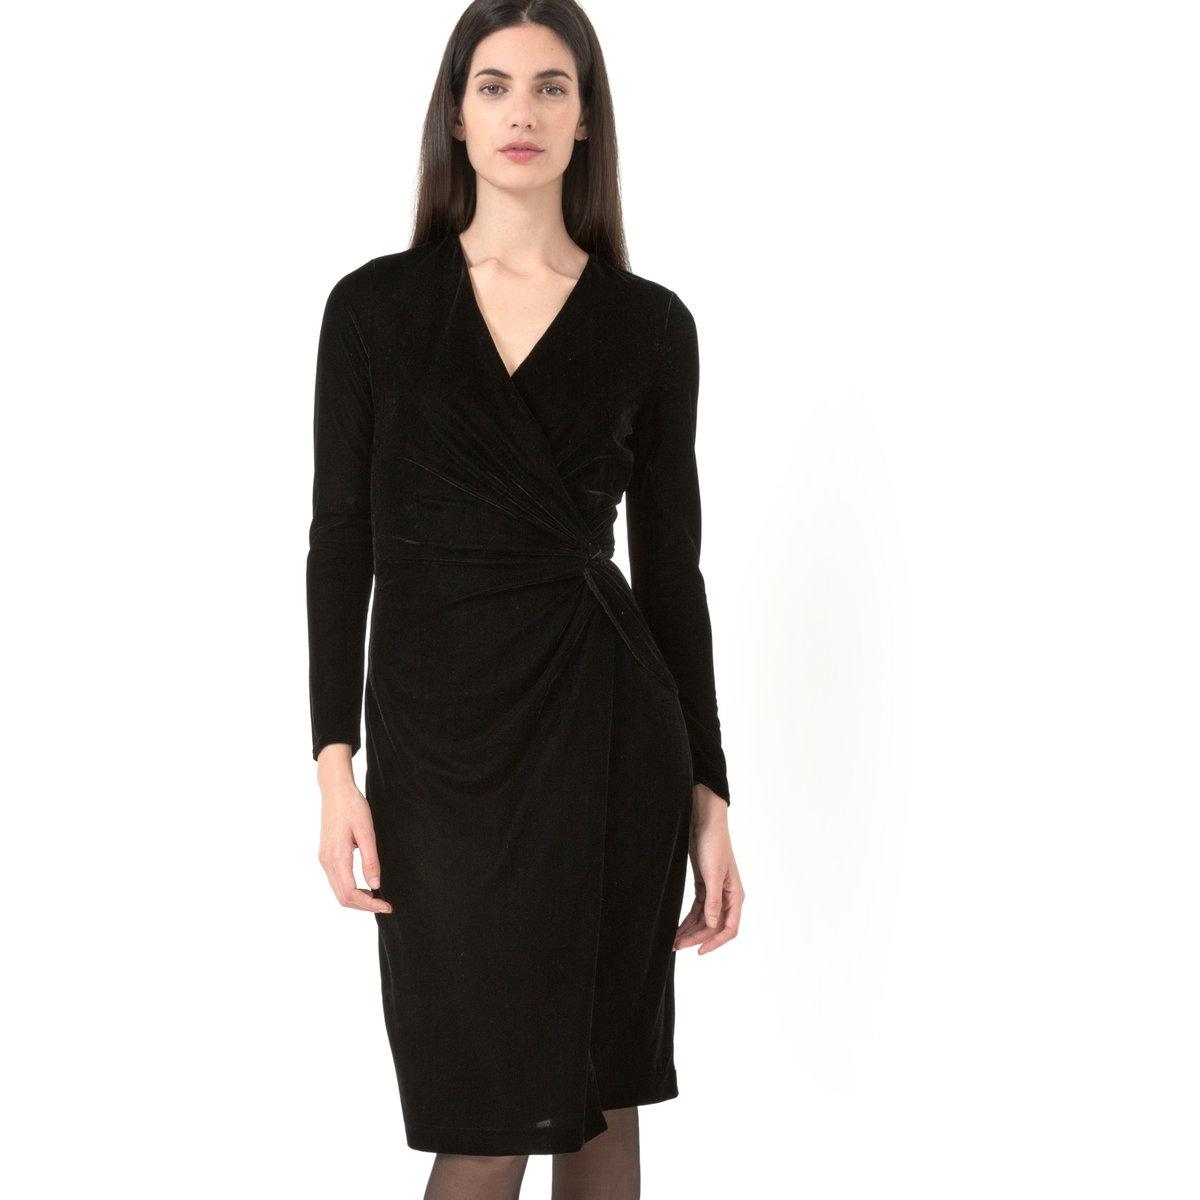 Платье из велюра с драпировкойПлатье облегающее. Длинные рукава. Глубокий V-образный вырез с перехлестом спереди, узел с драпировкой сбоку на поясе, низ с эффектом футляра. Длина 95 см. Подкладка из полиэстера. Платье из стретчевого велюра, 95% полиэстера , 5% эластана. Бренд: LAURA CLEMENT.<br><br>Цвет: черный